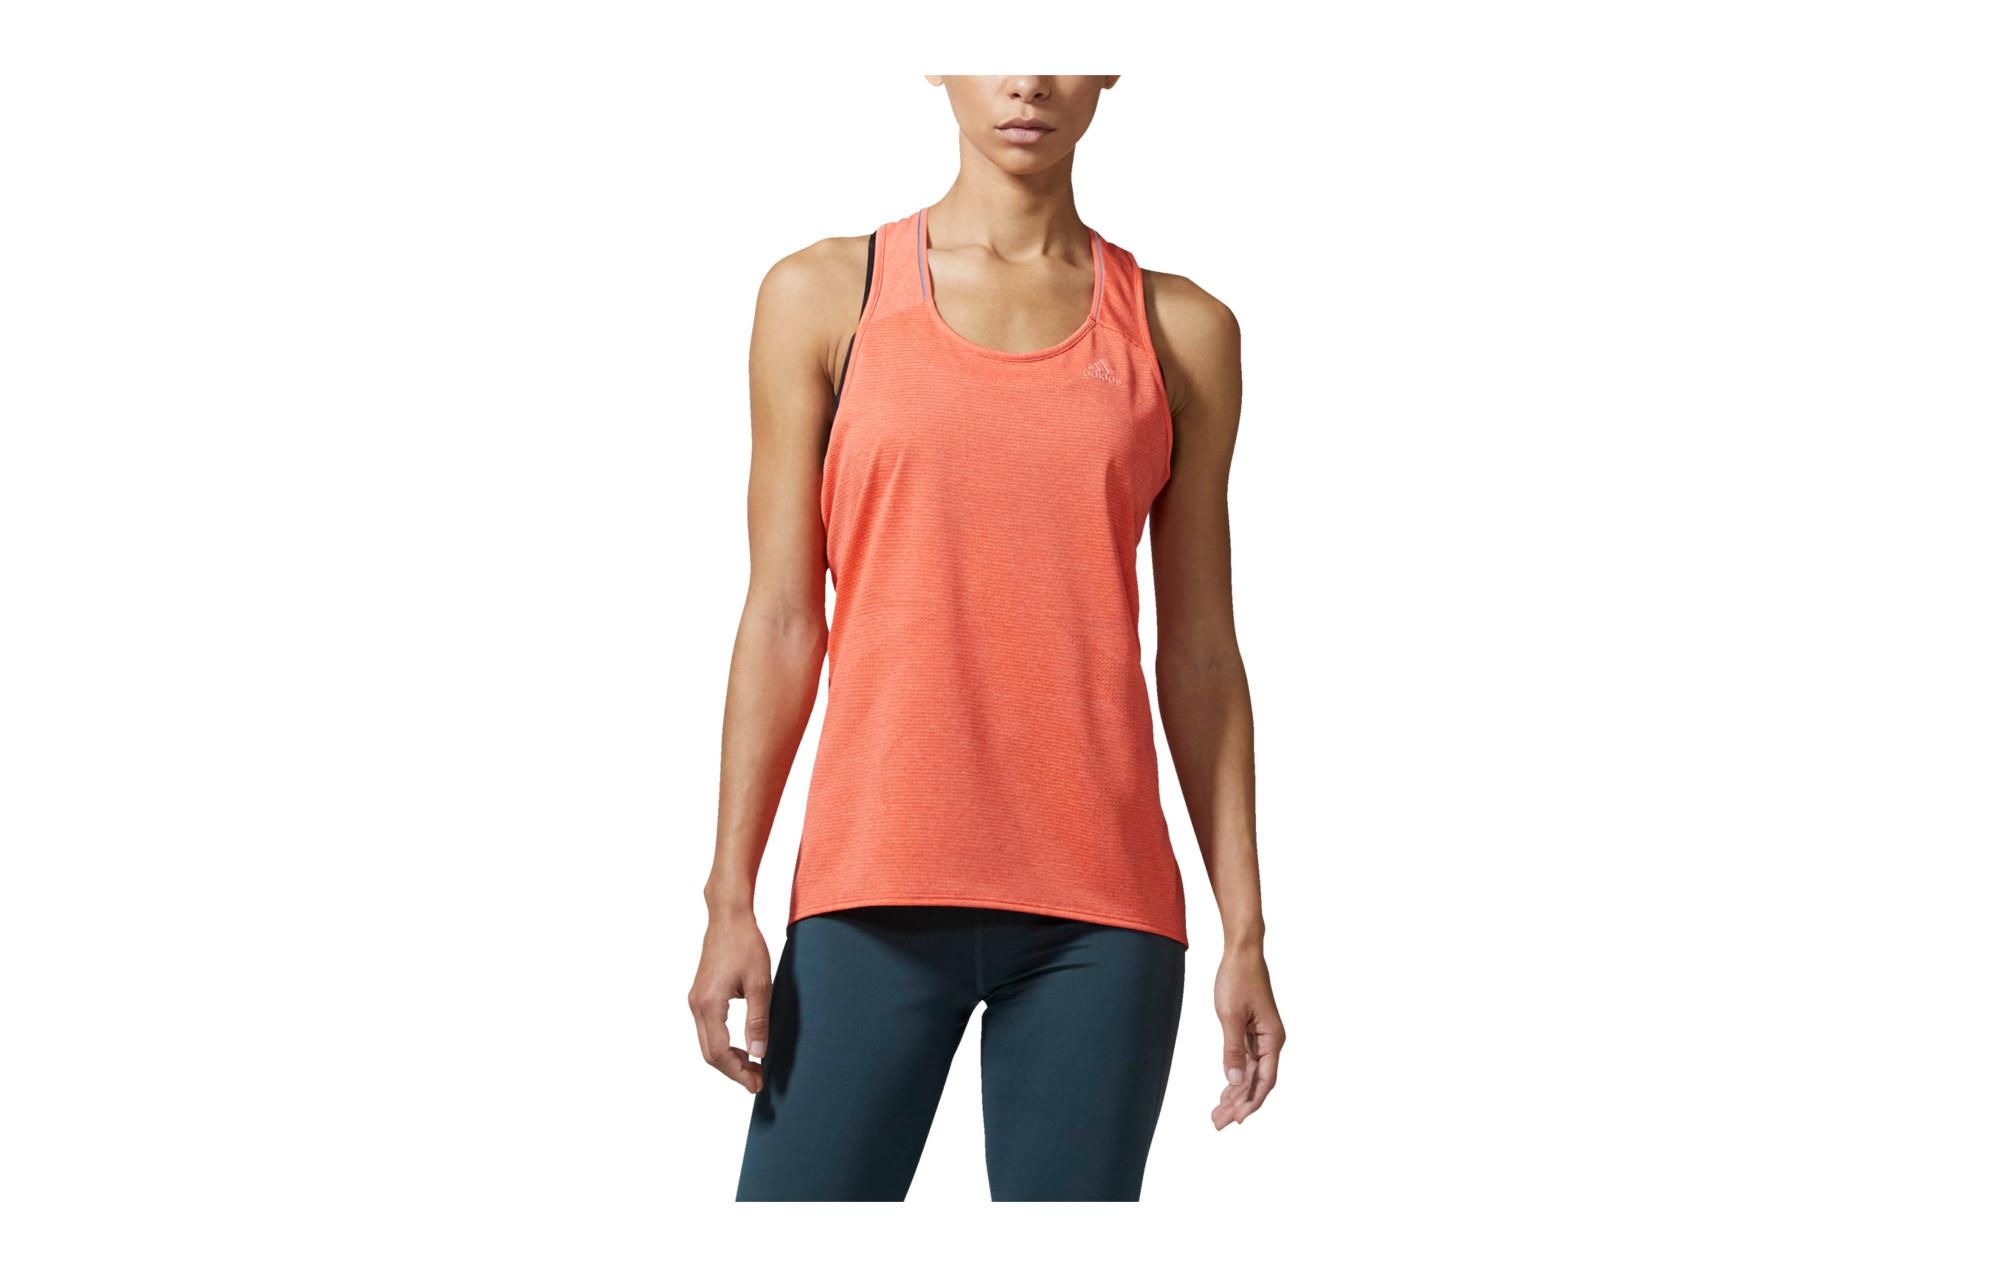 adidas running Women Tank Top SUPERNOVA Orange